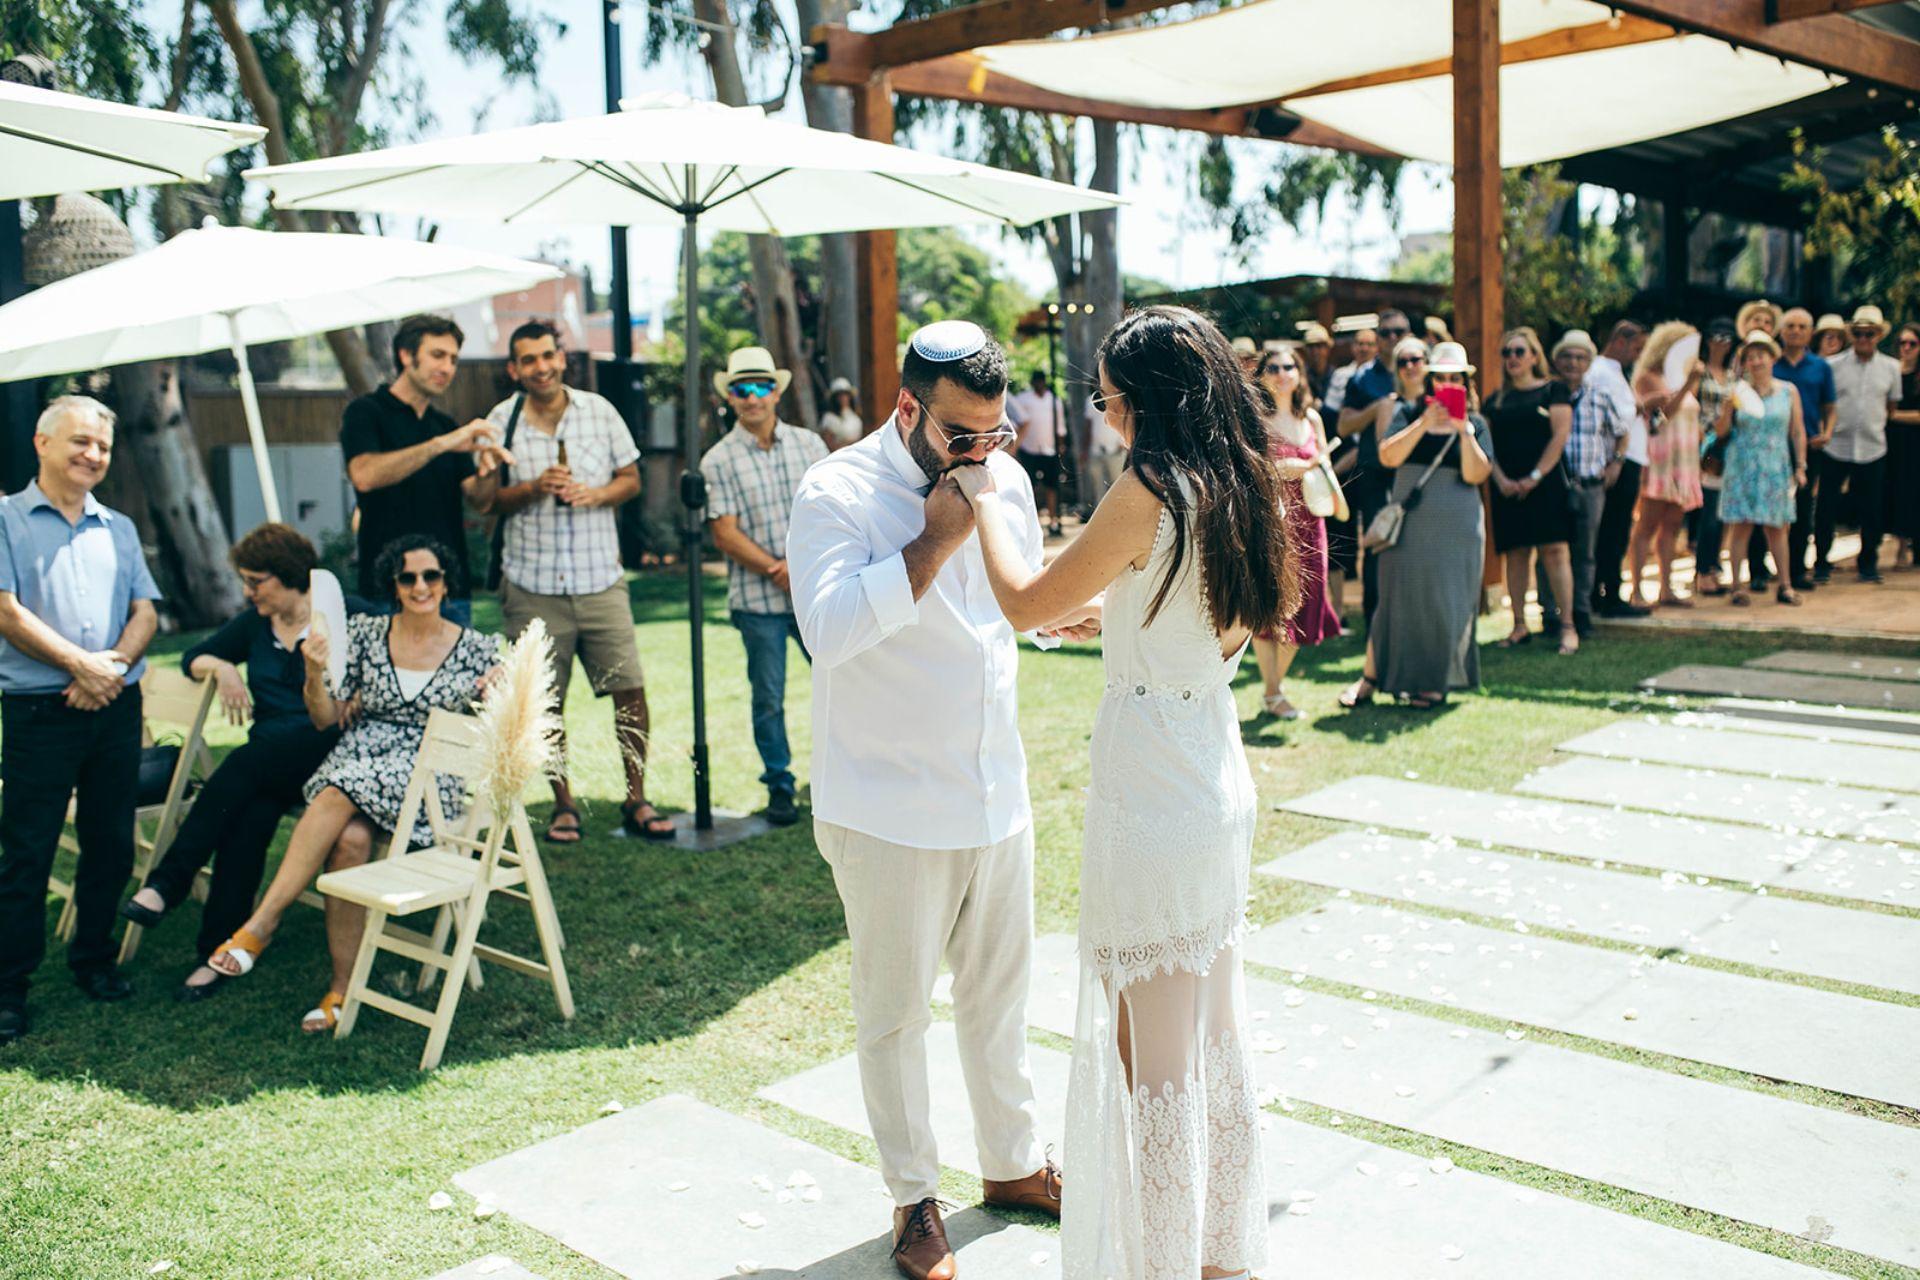 פסטיבל מוזיקה בוהמייני: החתונה של ענבר ומשה